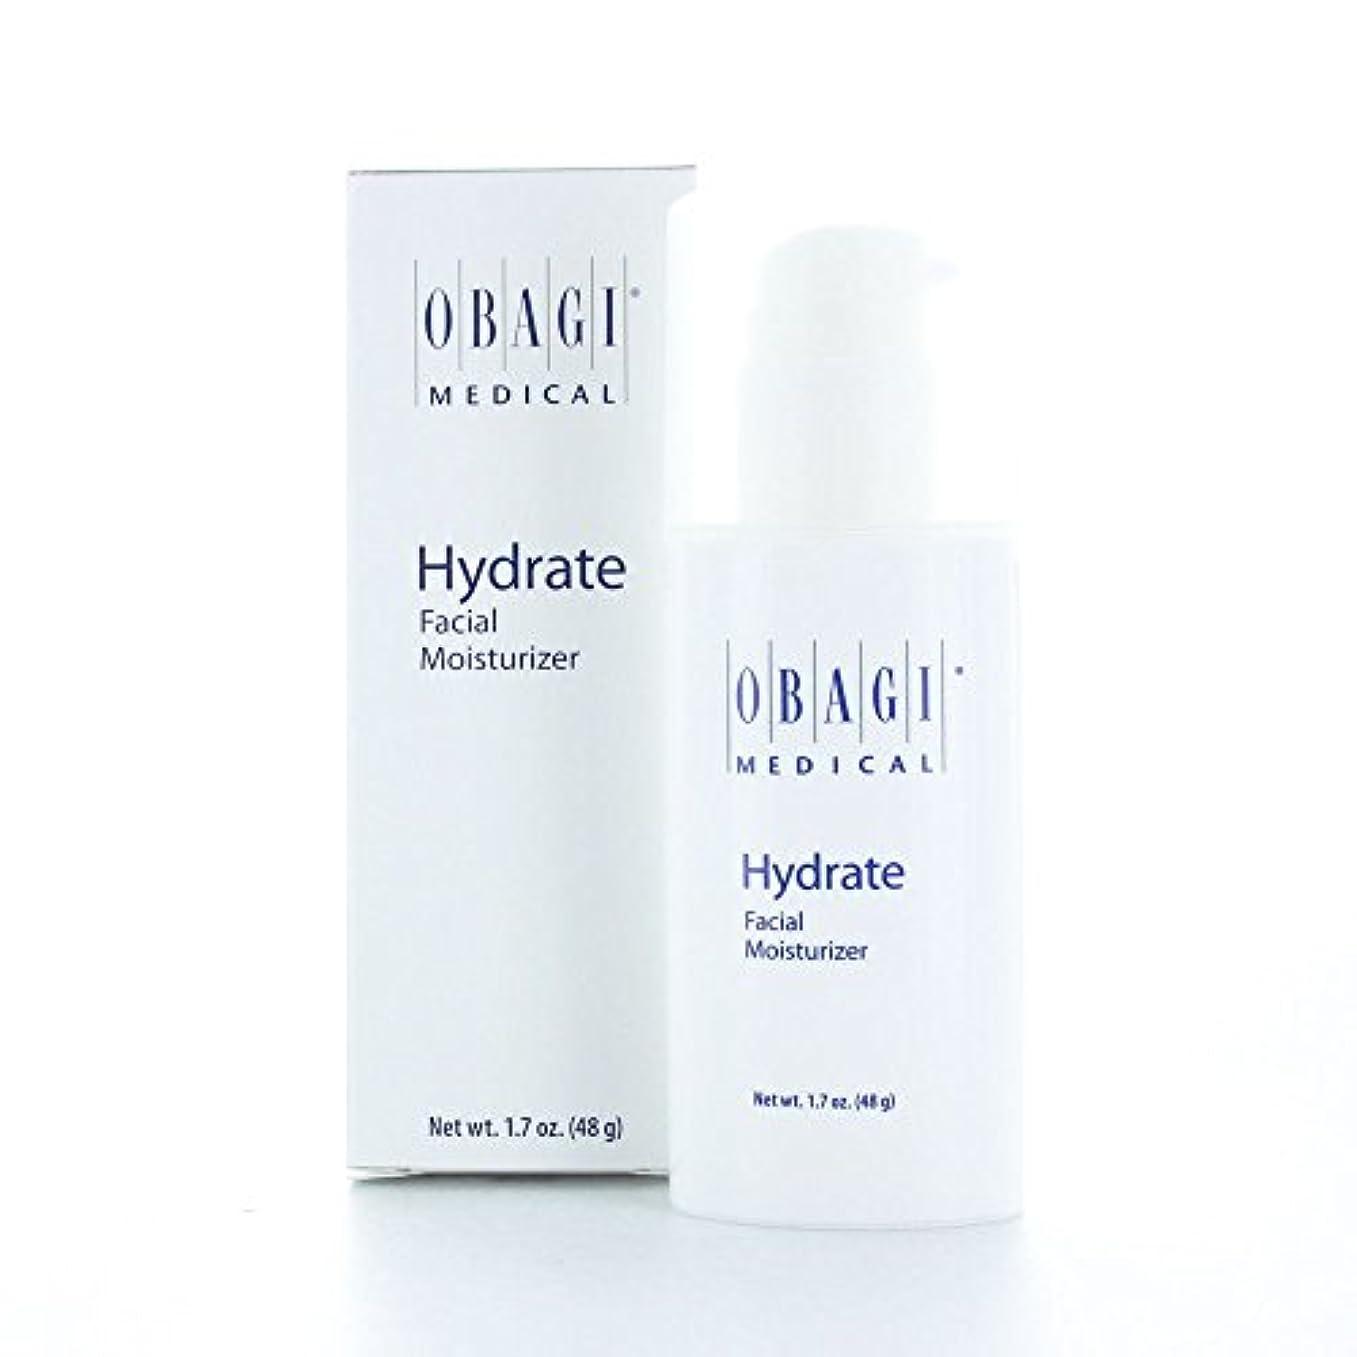 寛容顔料多くの危険がある状況オバギ加水お顔の加湿剤 48g 箱入り新品